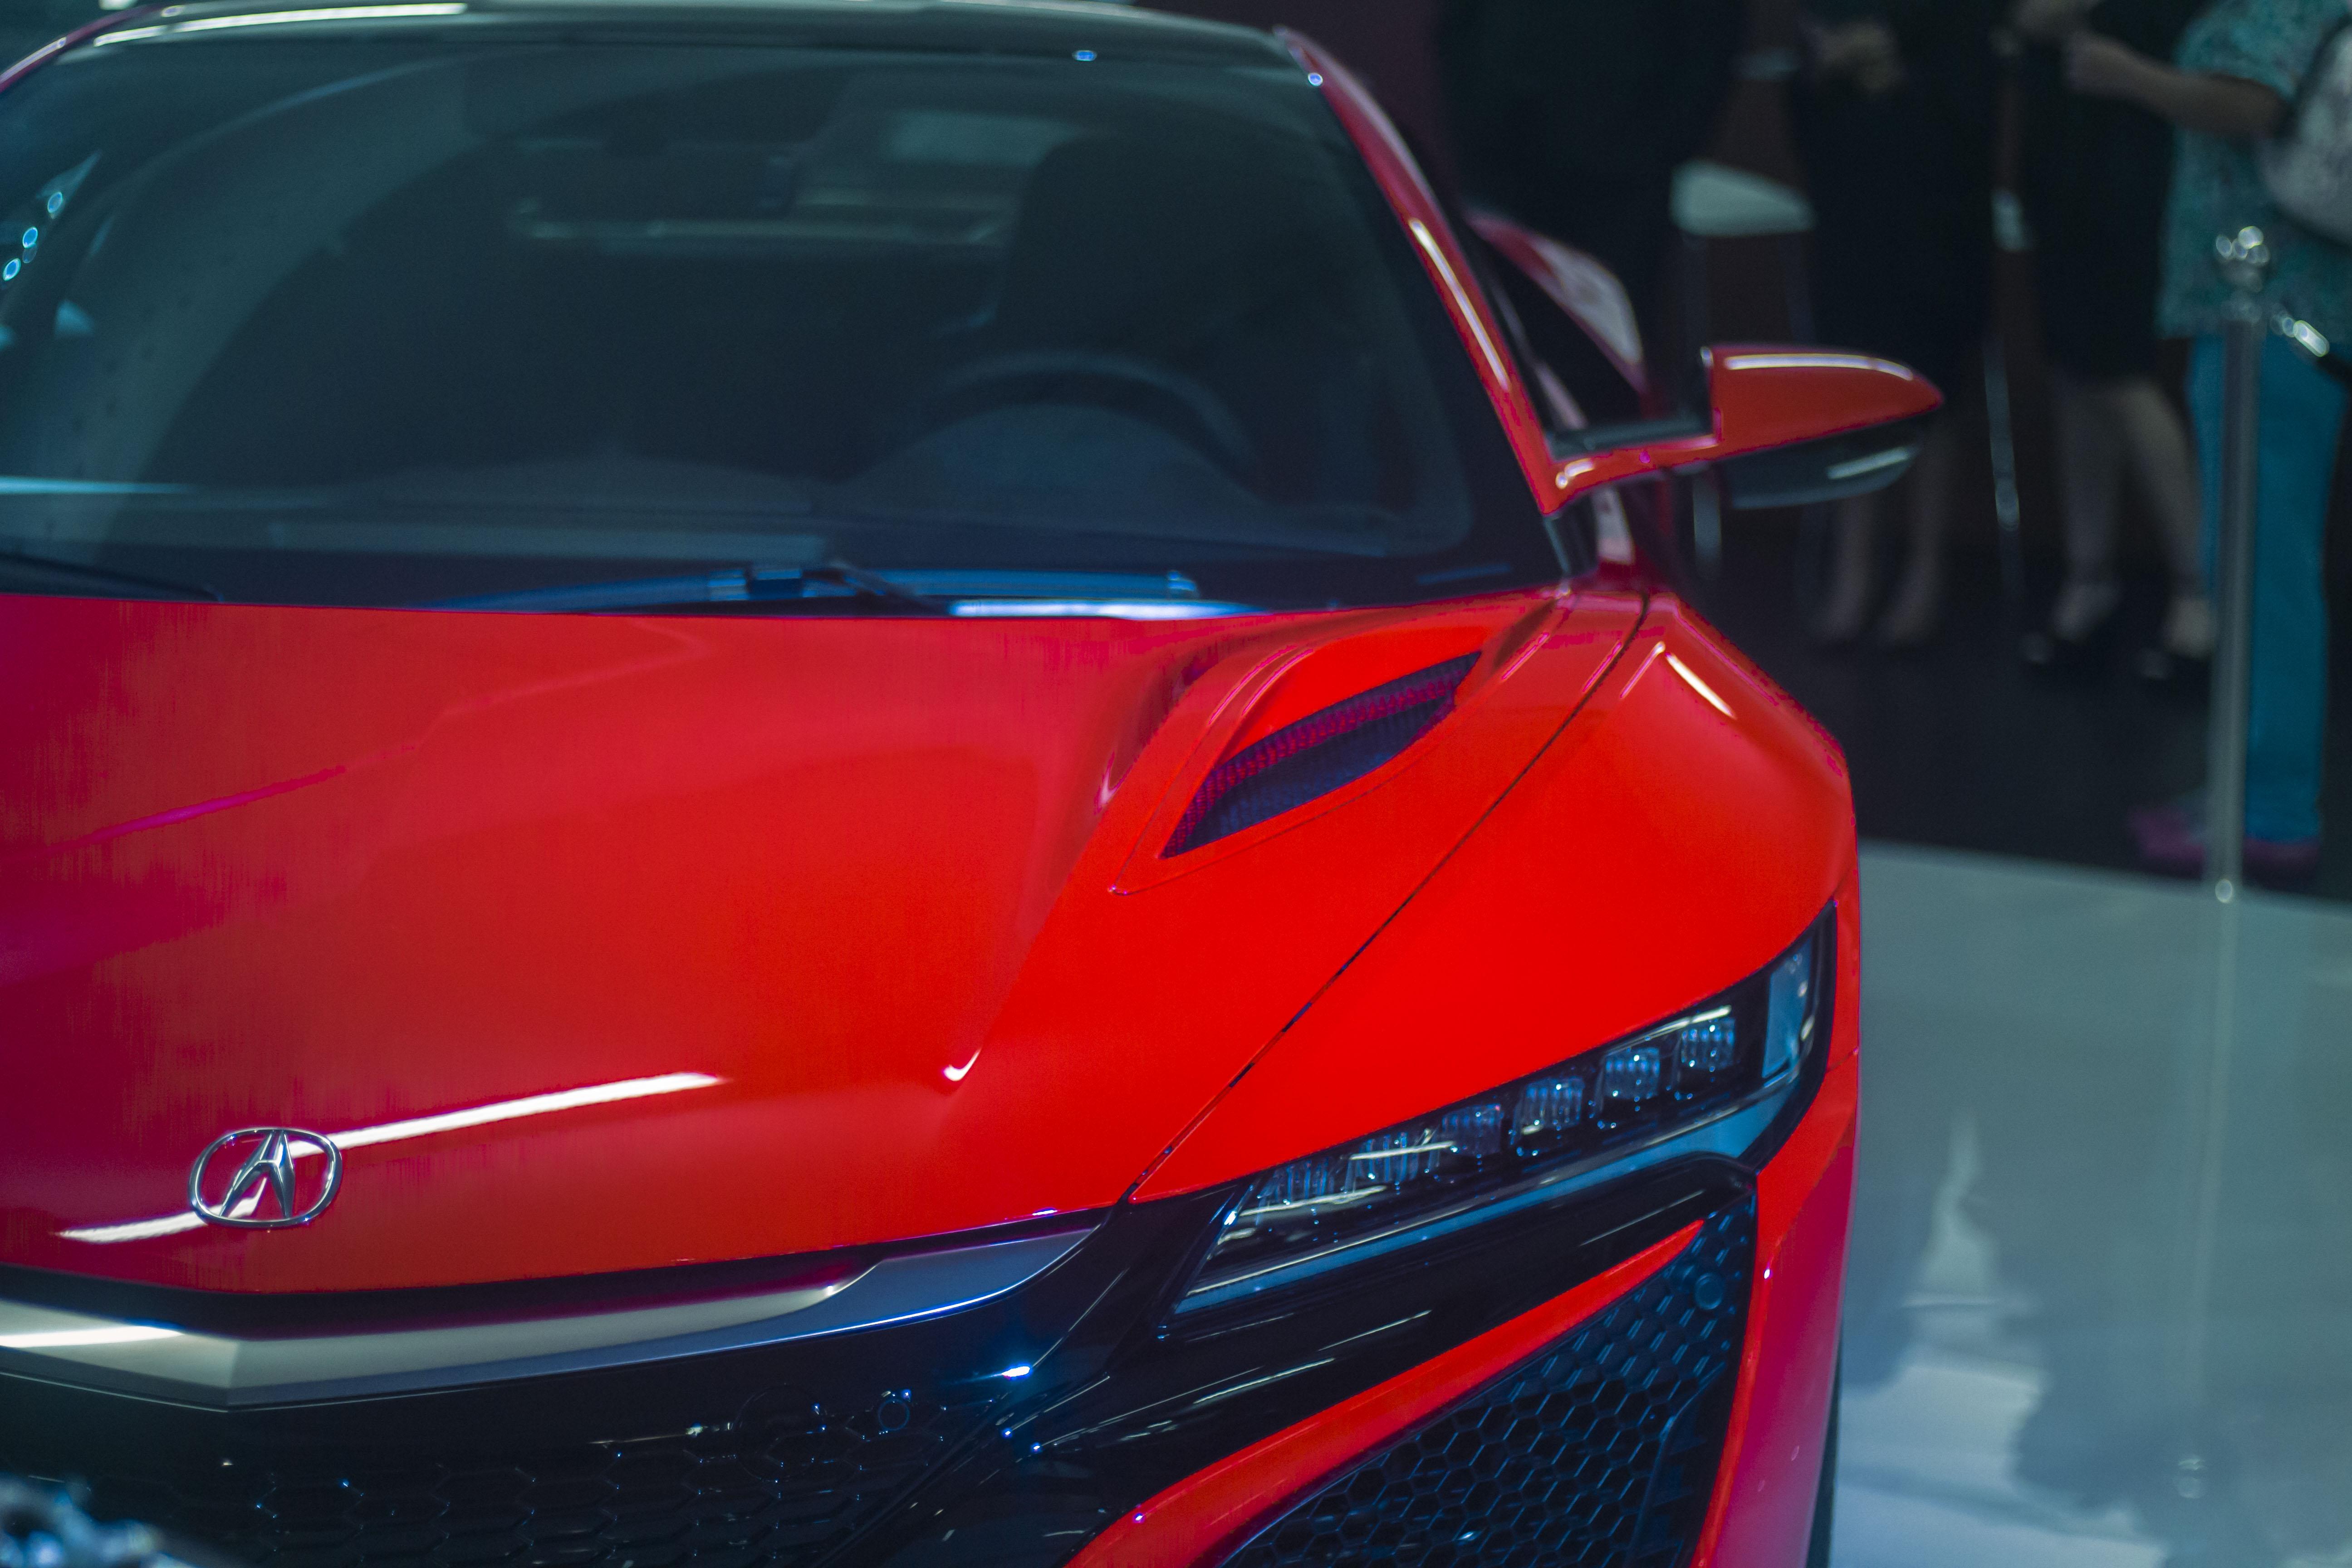 Images Gratuites Roue Fenetre Rouge Voiture De Sport Vehicule